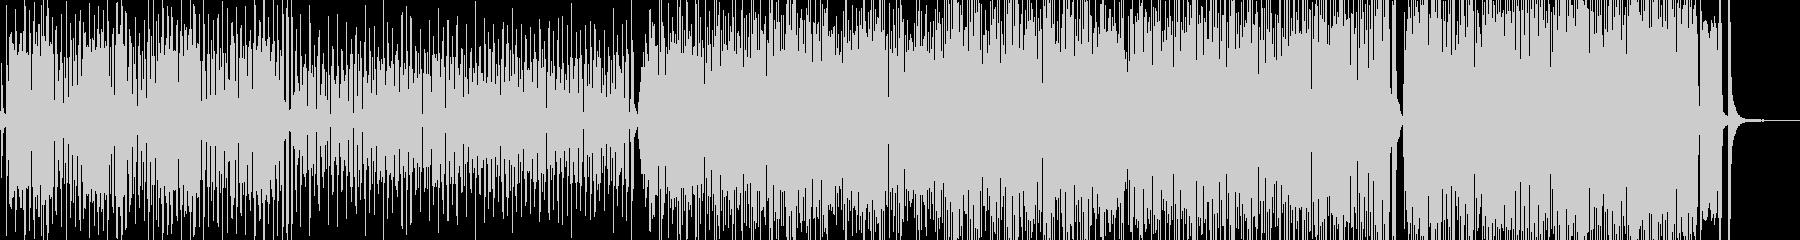 滑稽な三味線・おマヌケポップ A3の未再生の波形